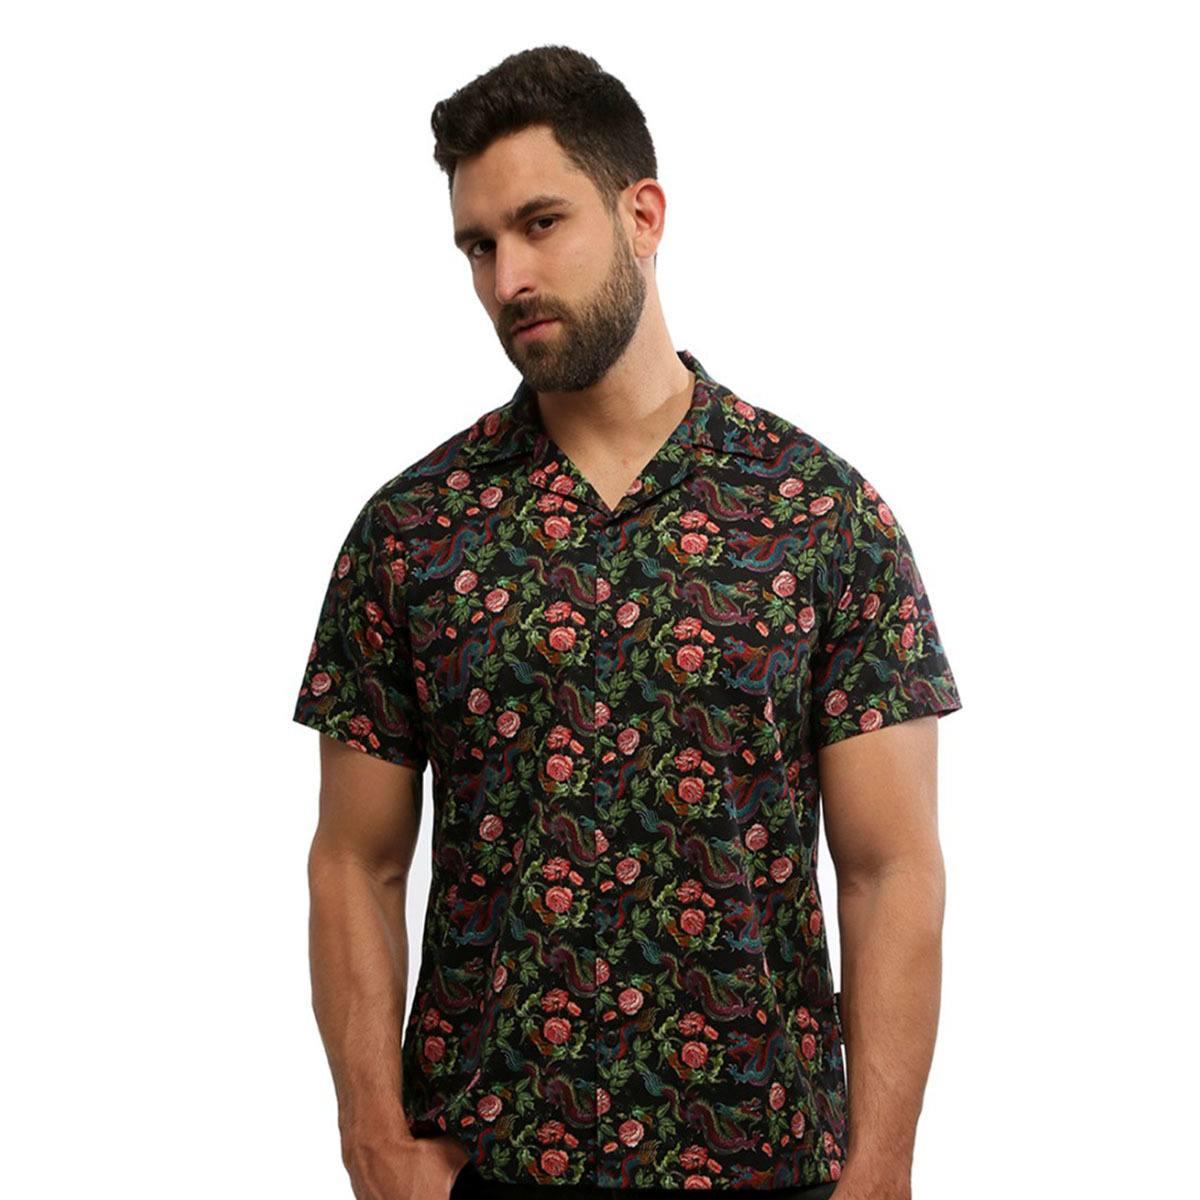 Camisa masculina manga curta estampada com botão 100% algodão Chinatown - Hardivision